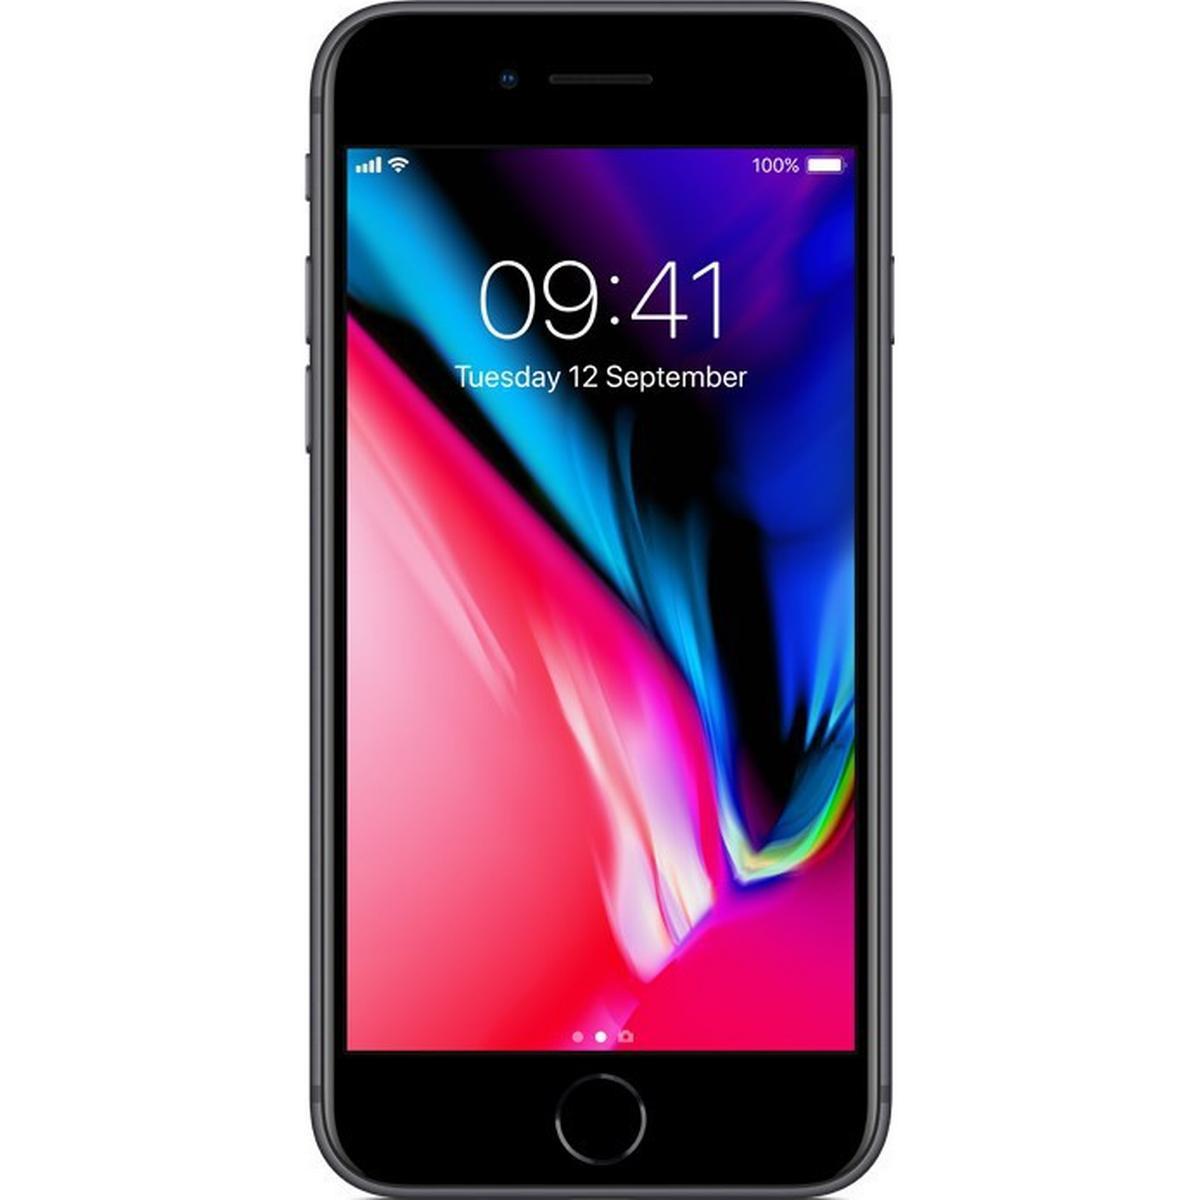 Frisk Mobiltelefon - Sammenlign priser på mobiltelefoner hos PriceRunner KG-29